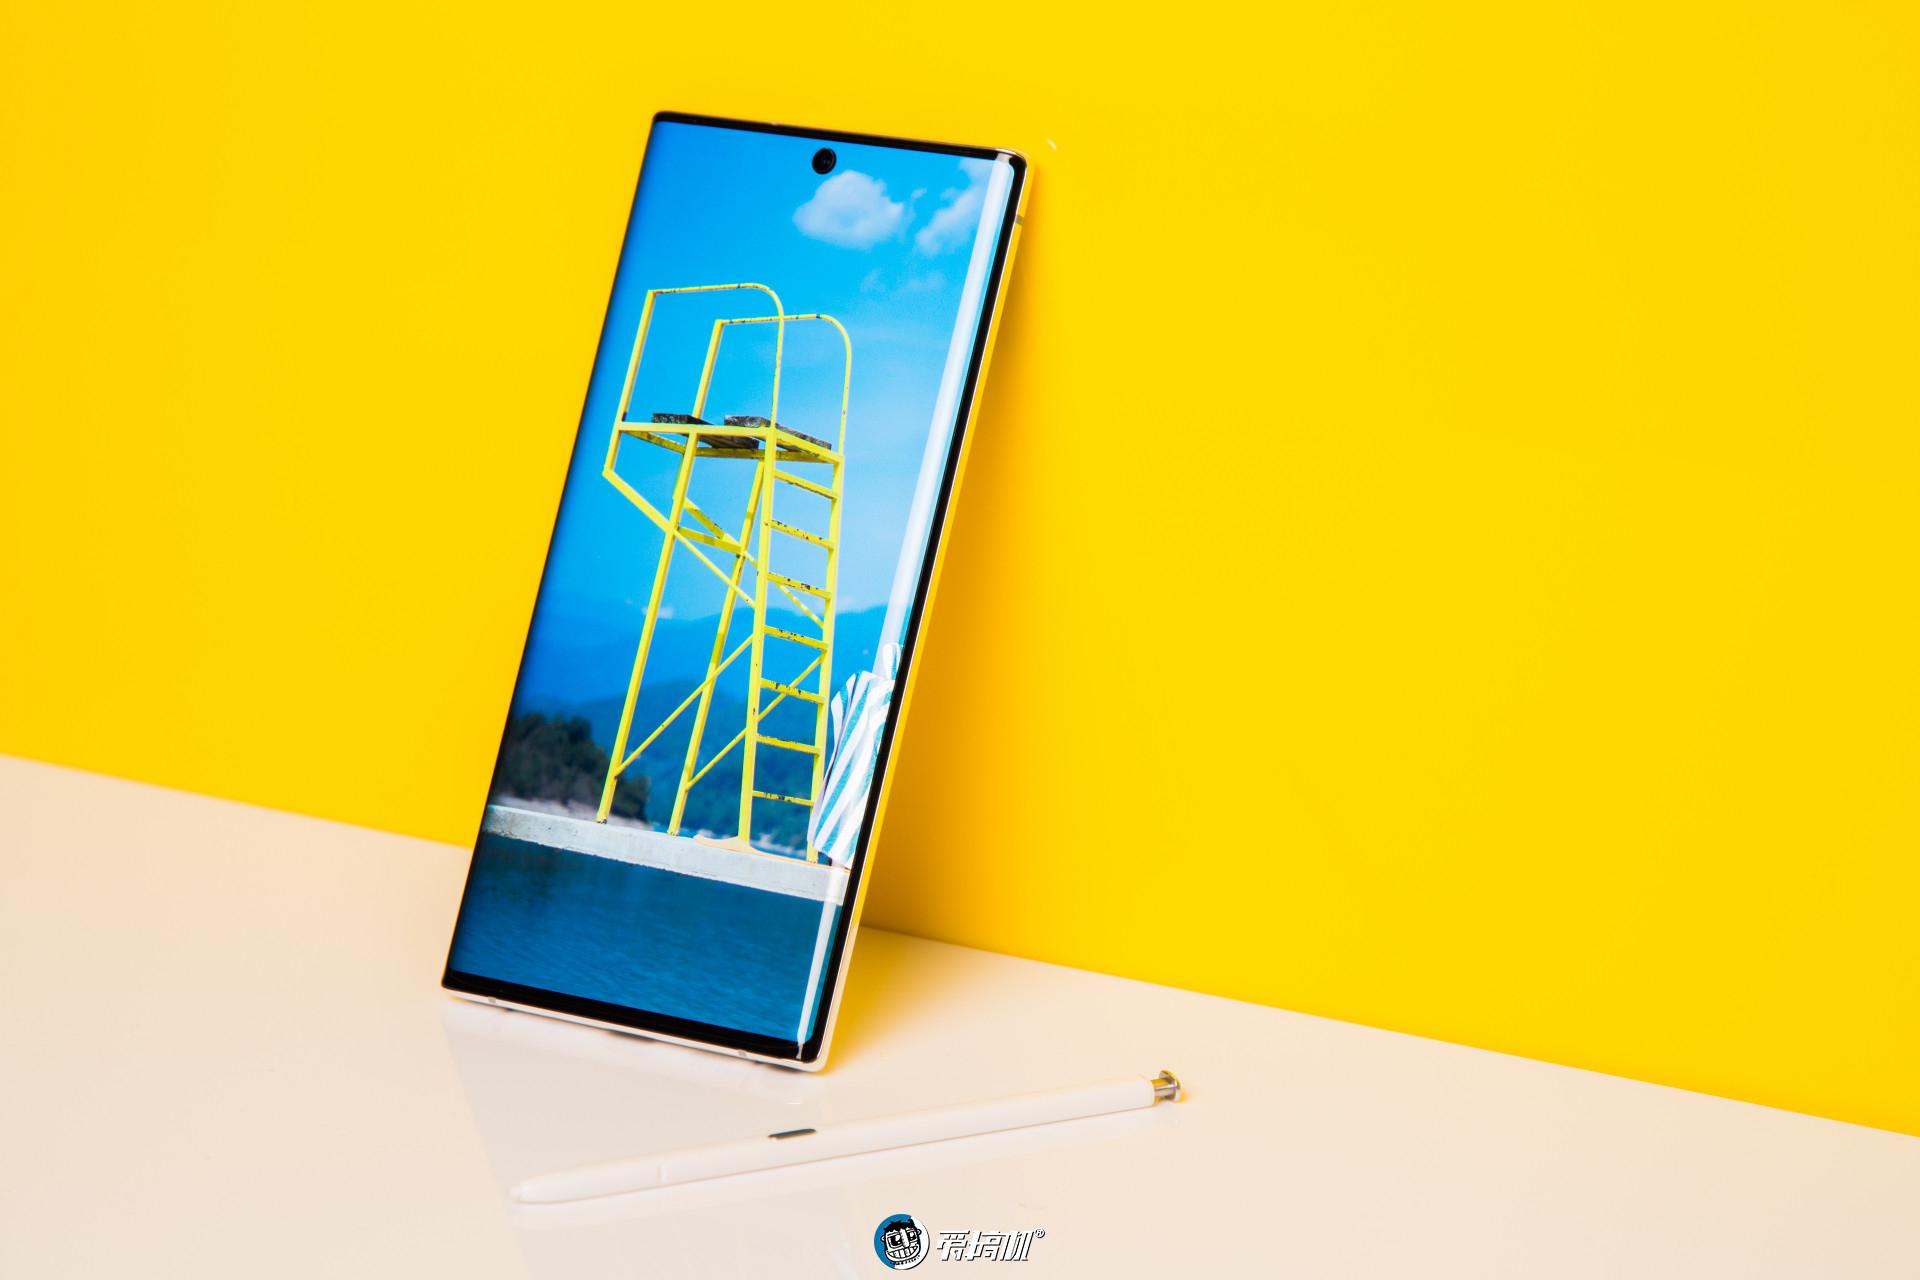 三星新系统暗示Galaxy S11配120Hz屏幕,高刷新率已成旗舰标配?_手机